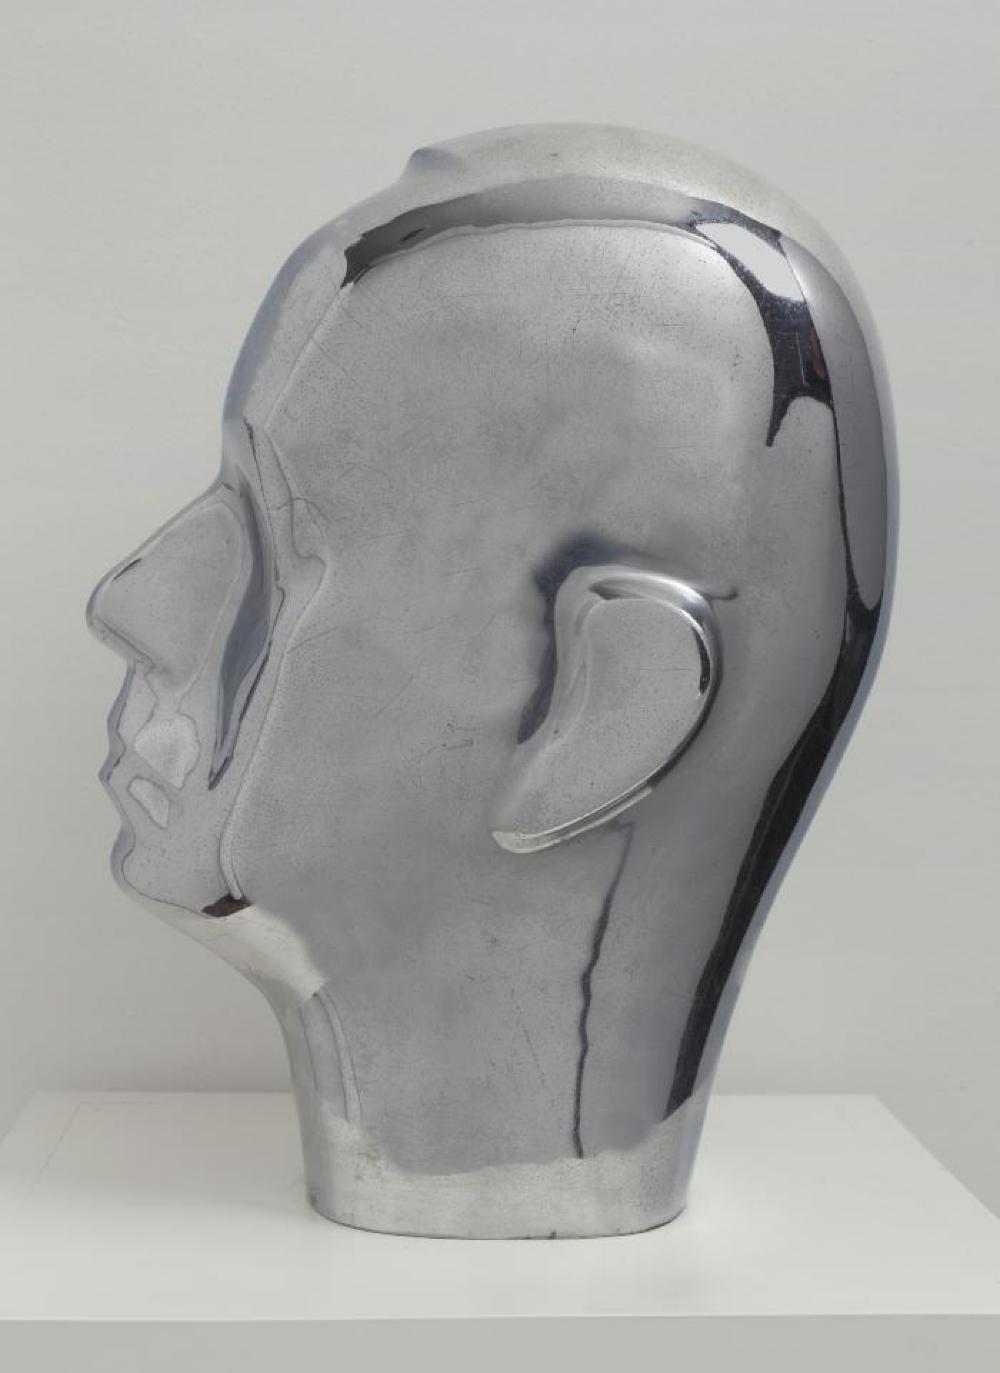 R. Buckminster Fuller, image 7